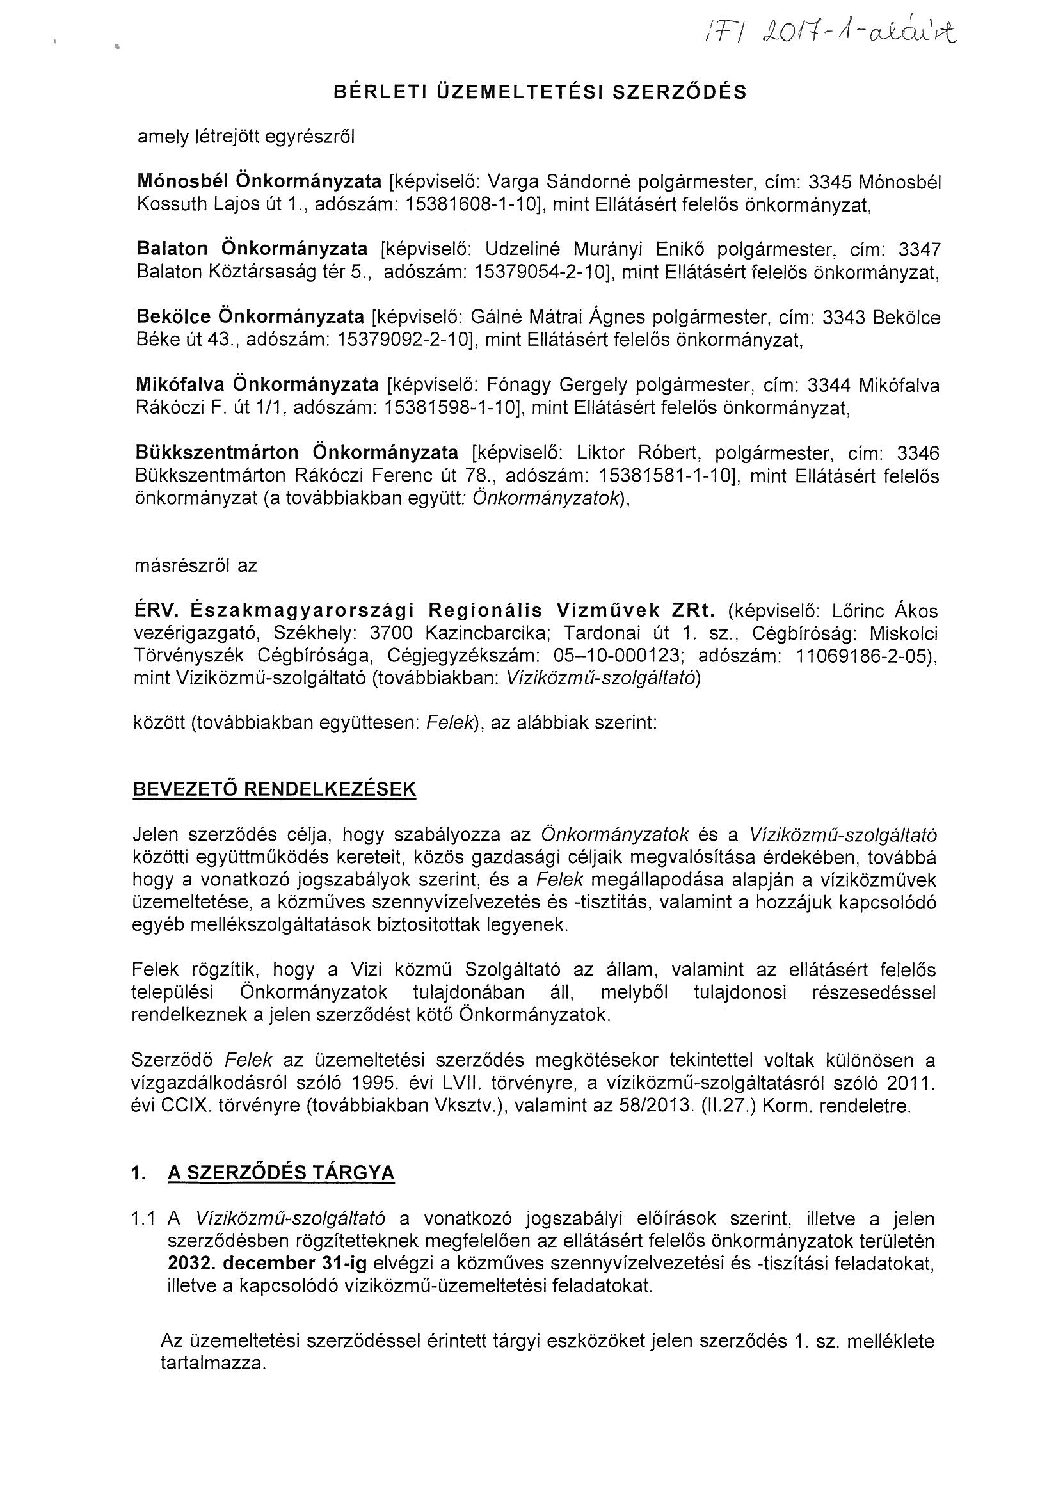 Mónosbél, Balaton, Bekölce, Mikófalva, Bükkszentmárton